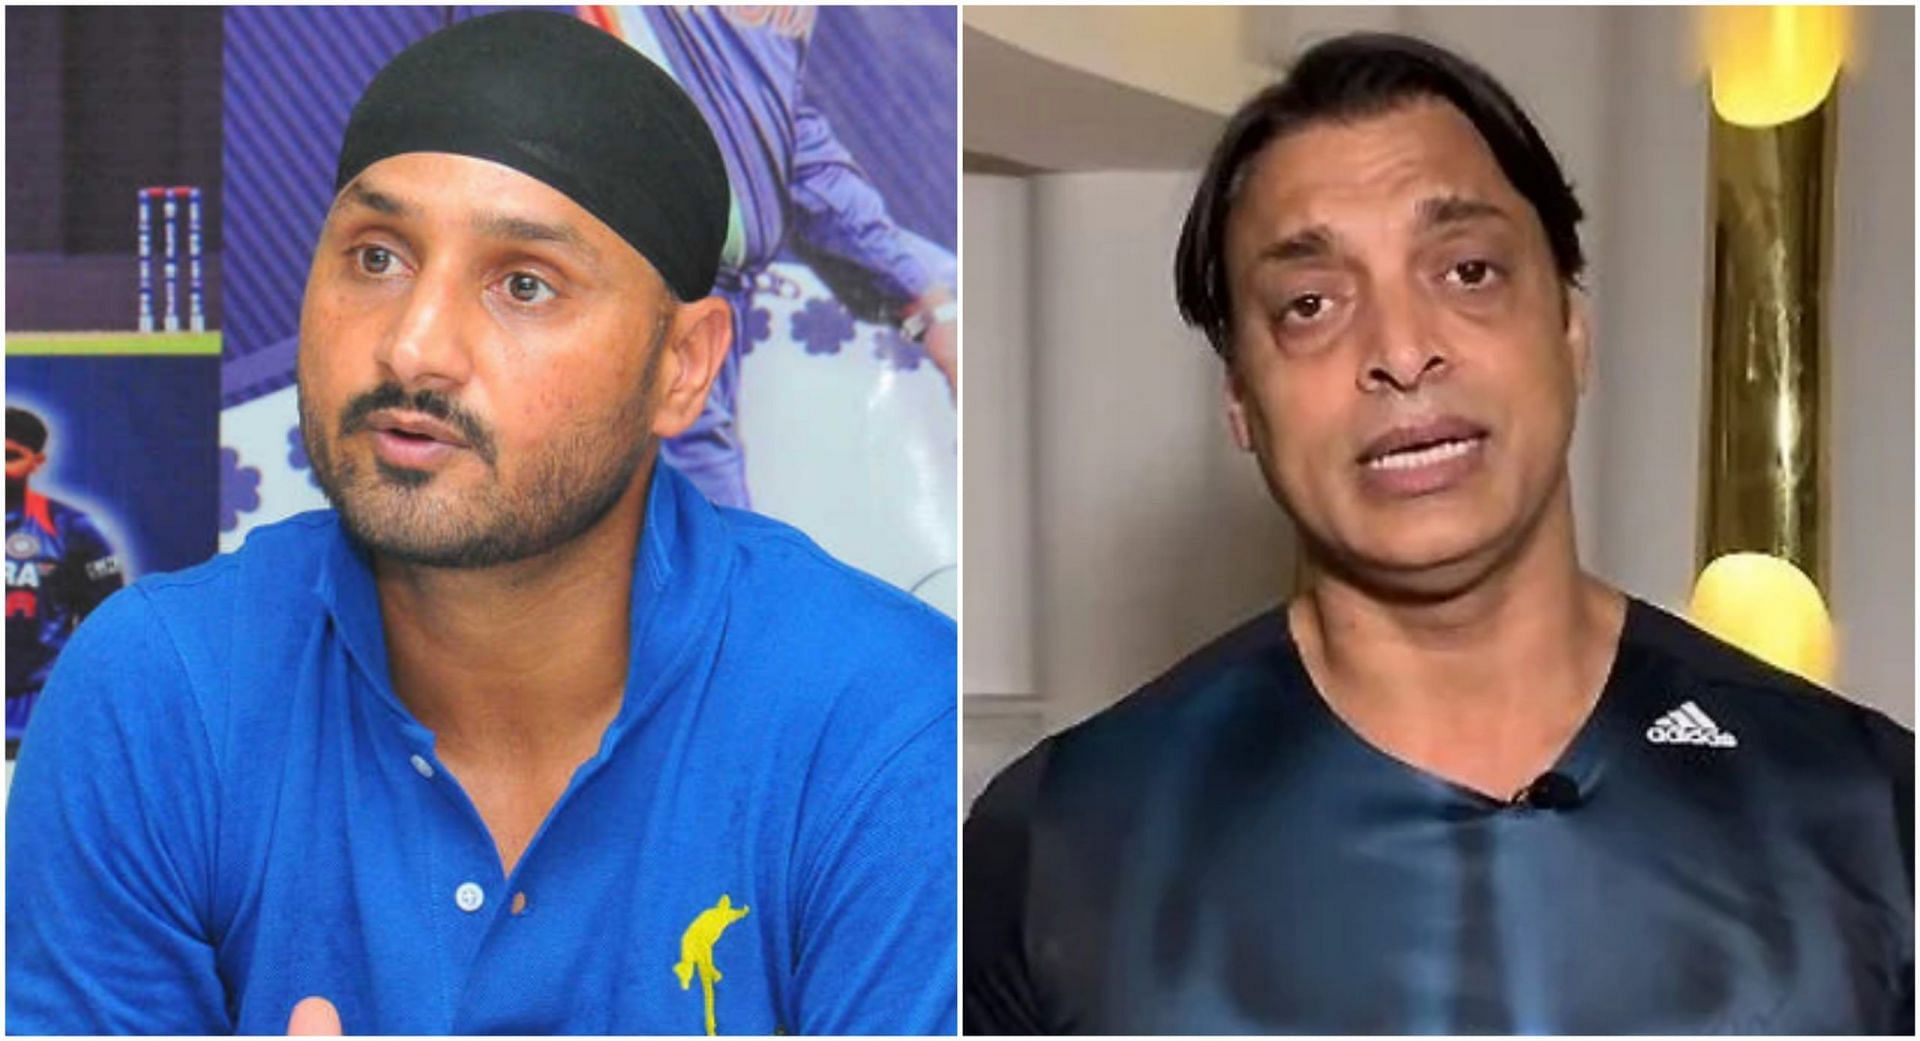 हरभजन सिंह ने शोएब अख्तर का जिक्र करते हुए भारतीय टीम को जीत का दावेदार बताया